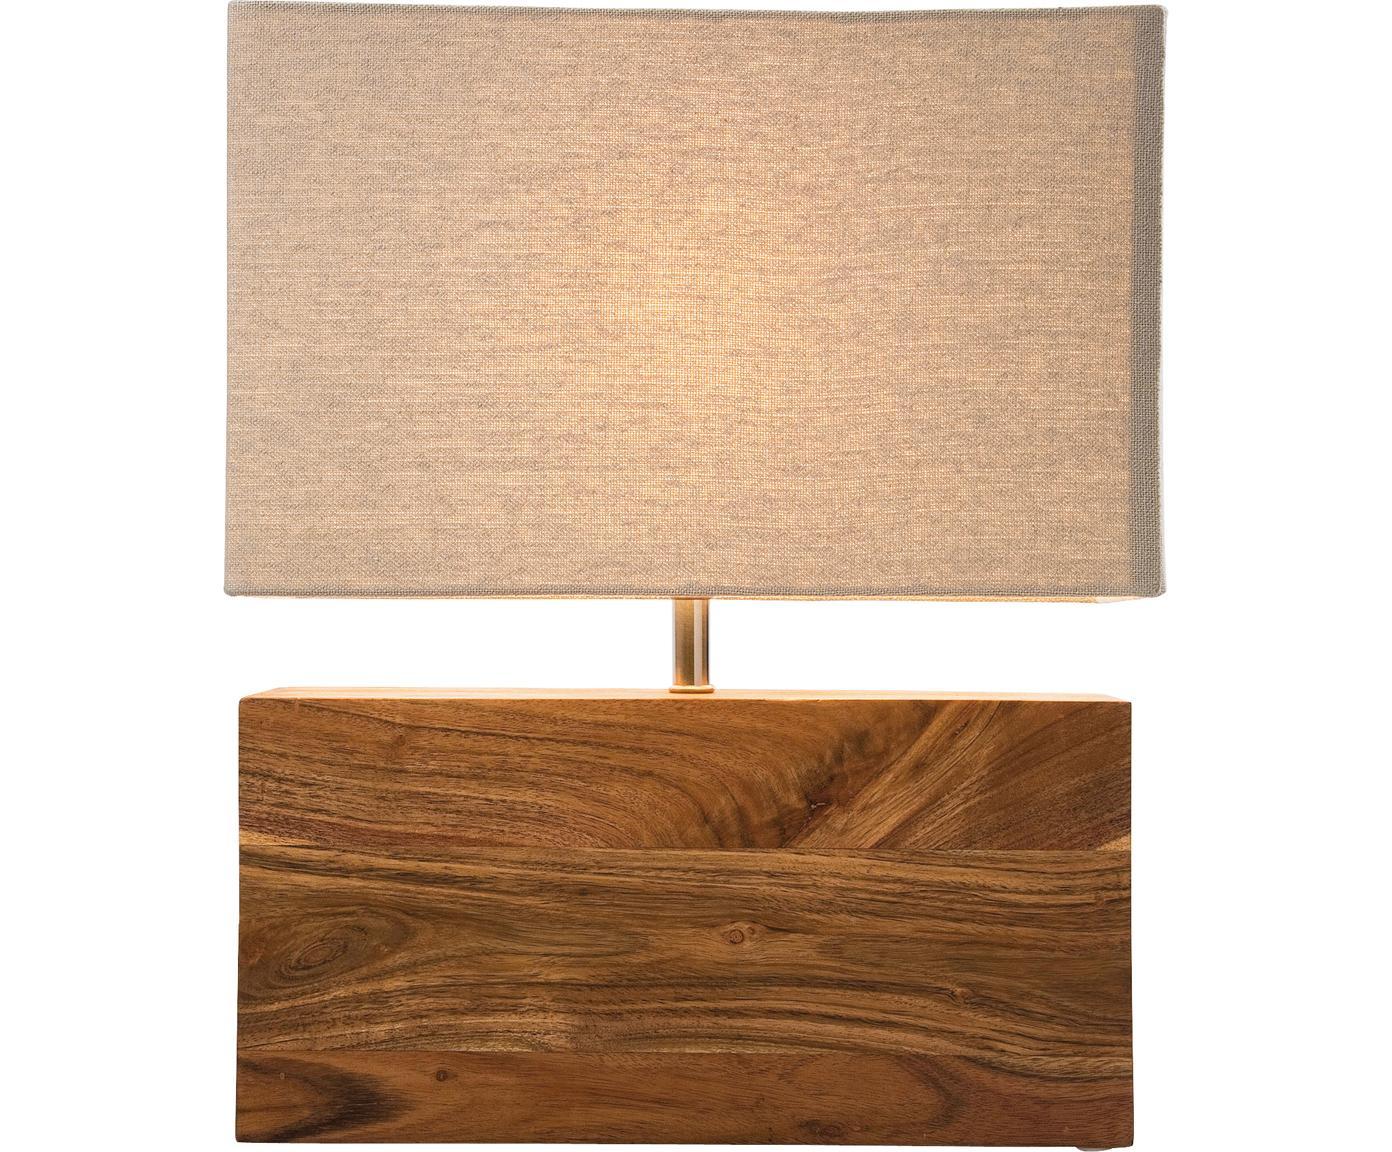 Tischleuchte Rectangular aus Akazienholz, Lampenschirm: Baumwolle, Lampenfuß: Akazienholz, Braun, 33 x 43 cm